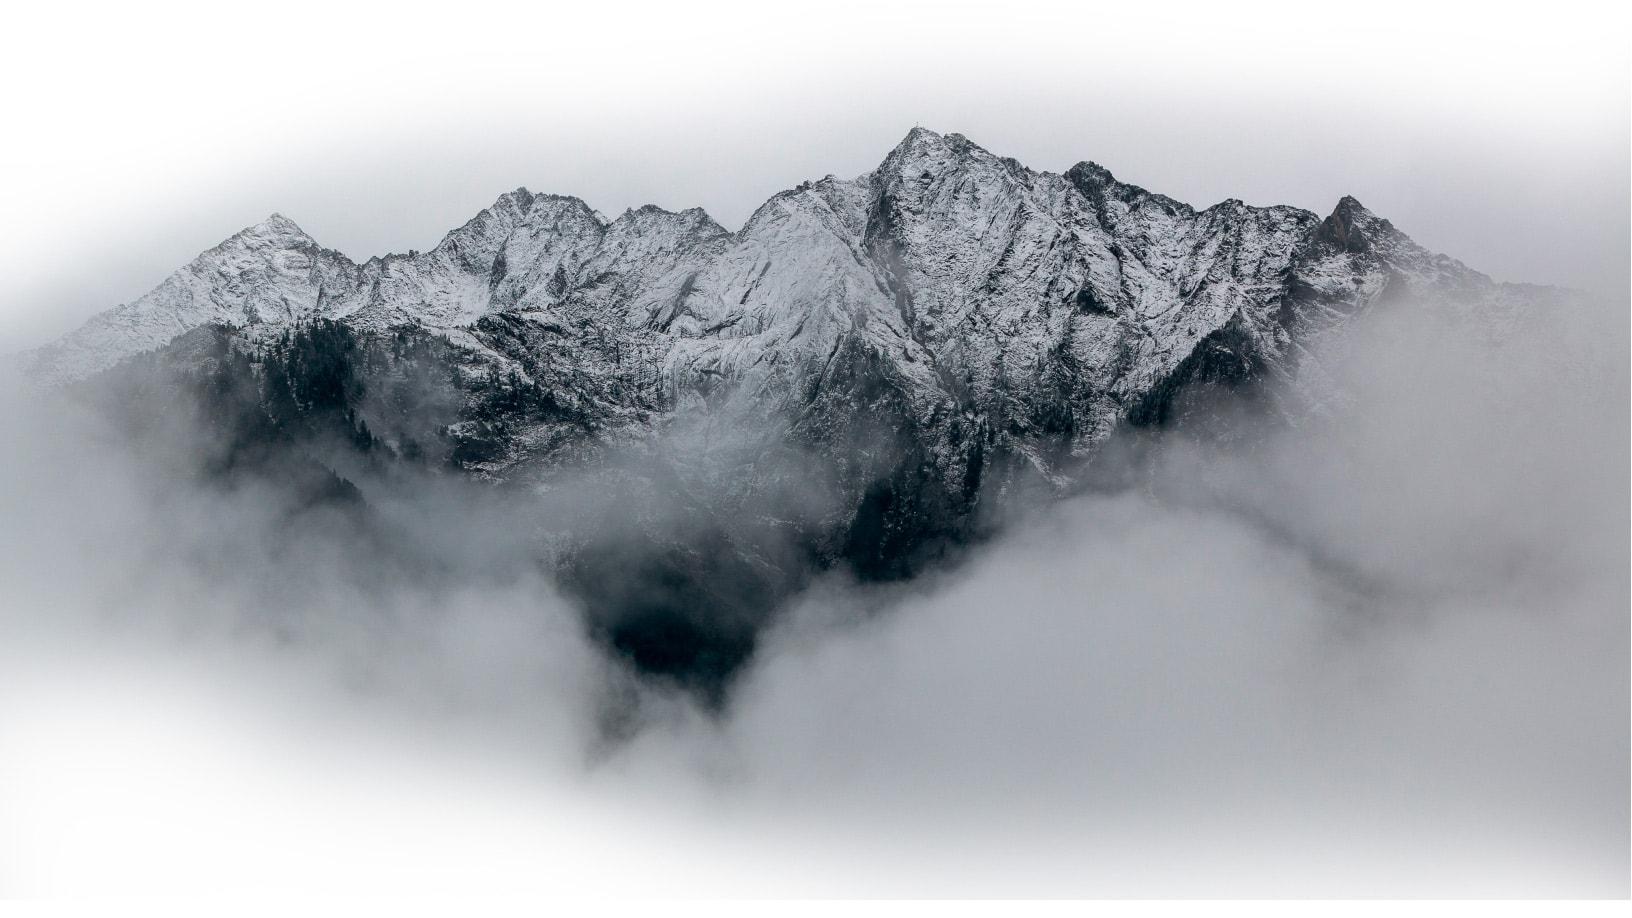 Места для обучения горным лыжам